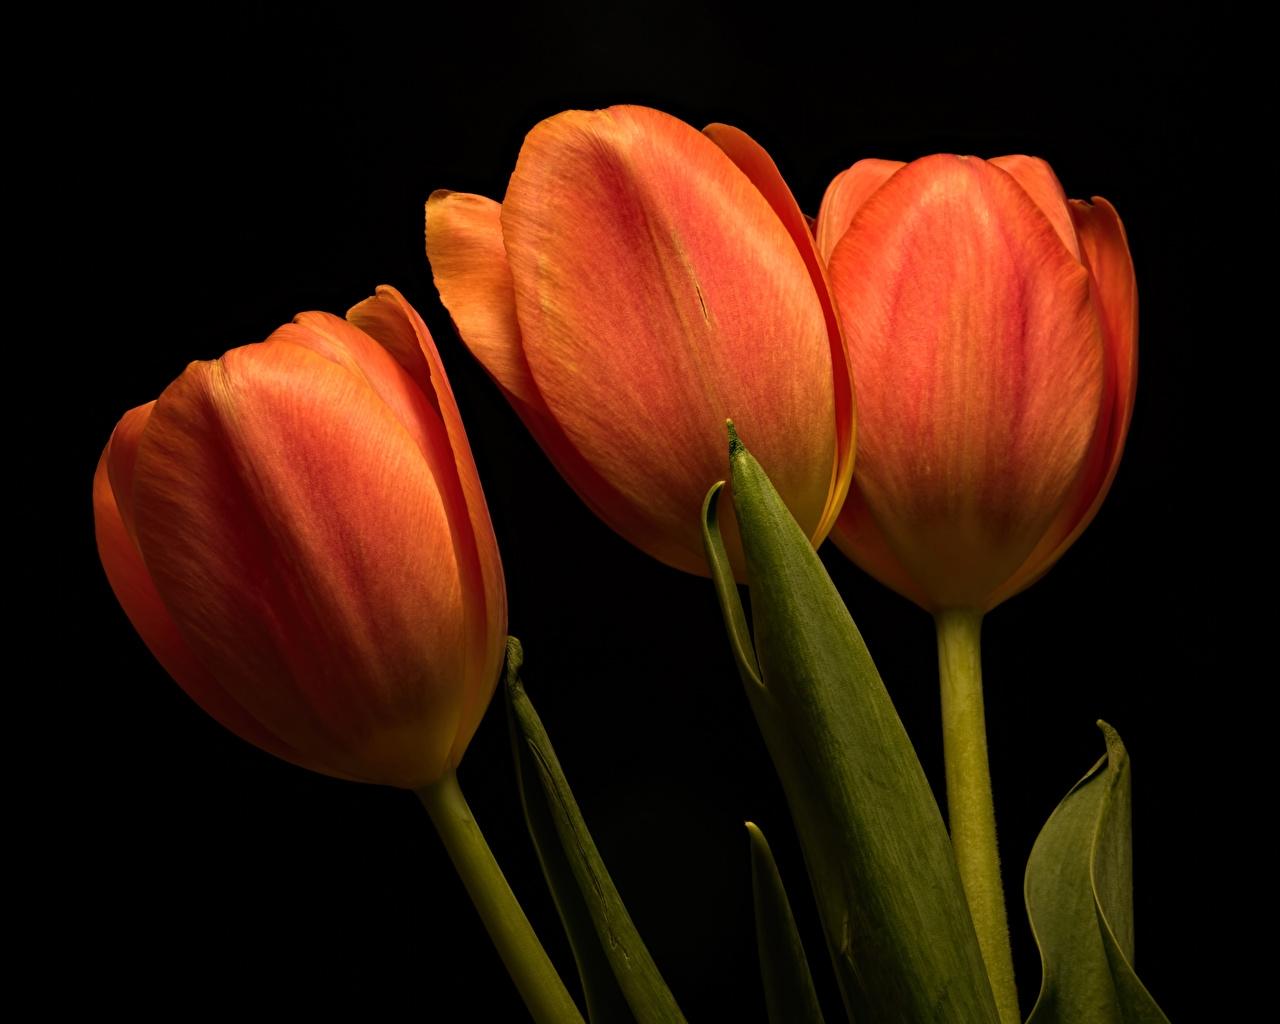 церковный праздник сегодня 7 марта